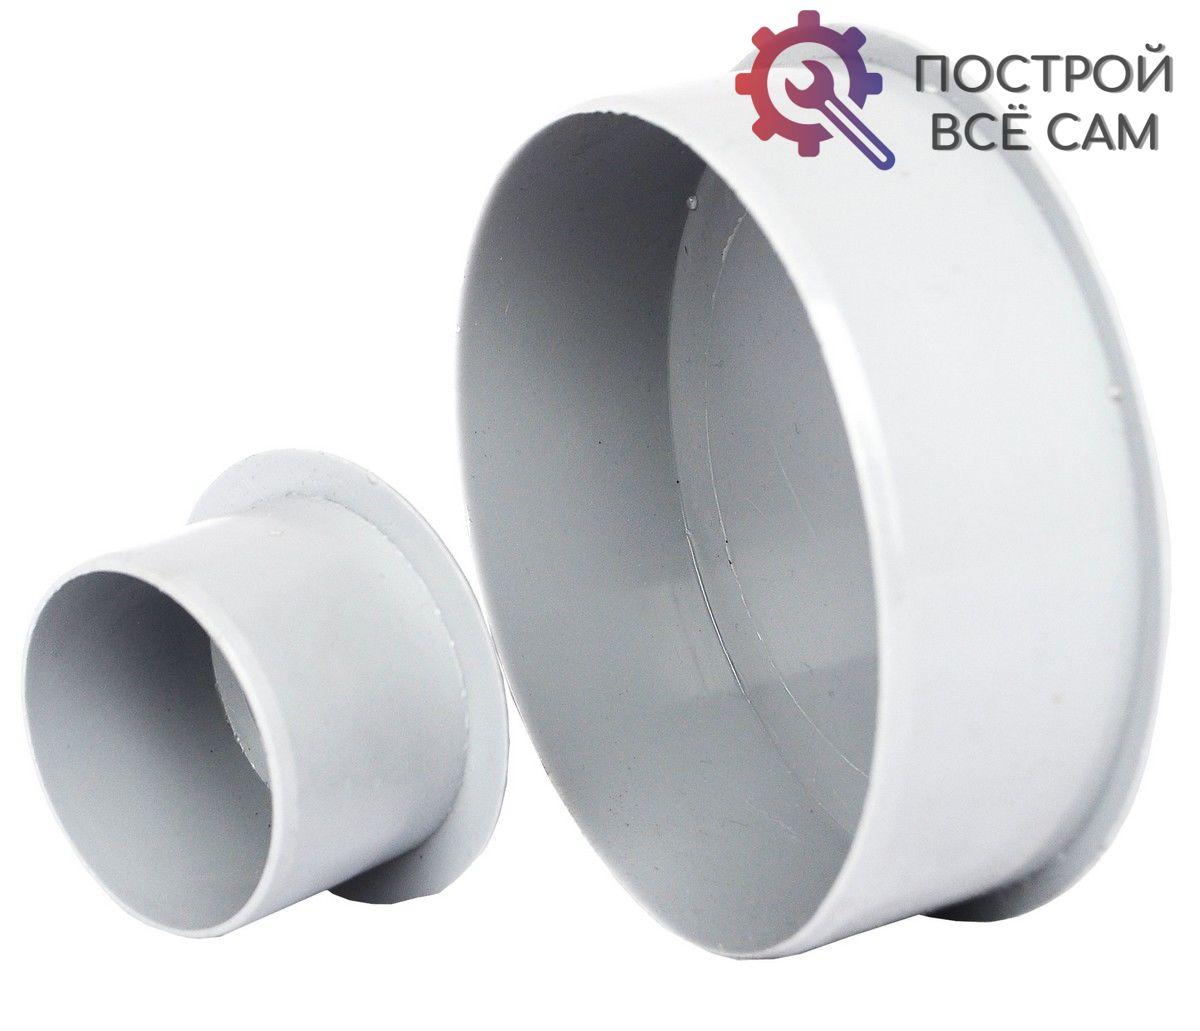 Пластиковые заглушки, надеваемые на металлические трубы, плотно садятся на заготовку